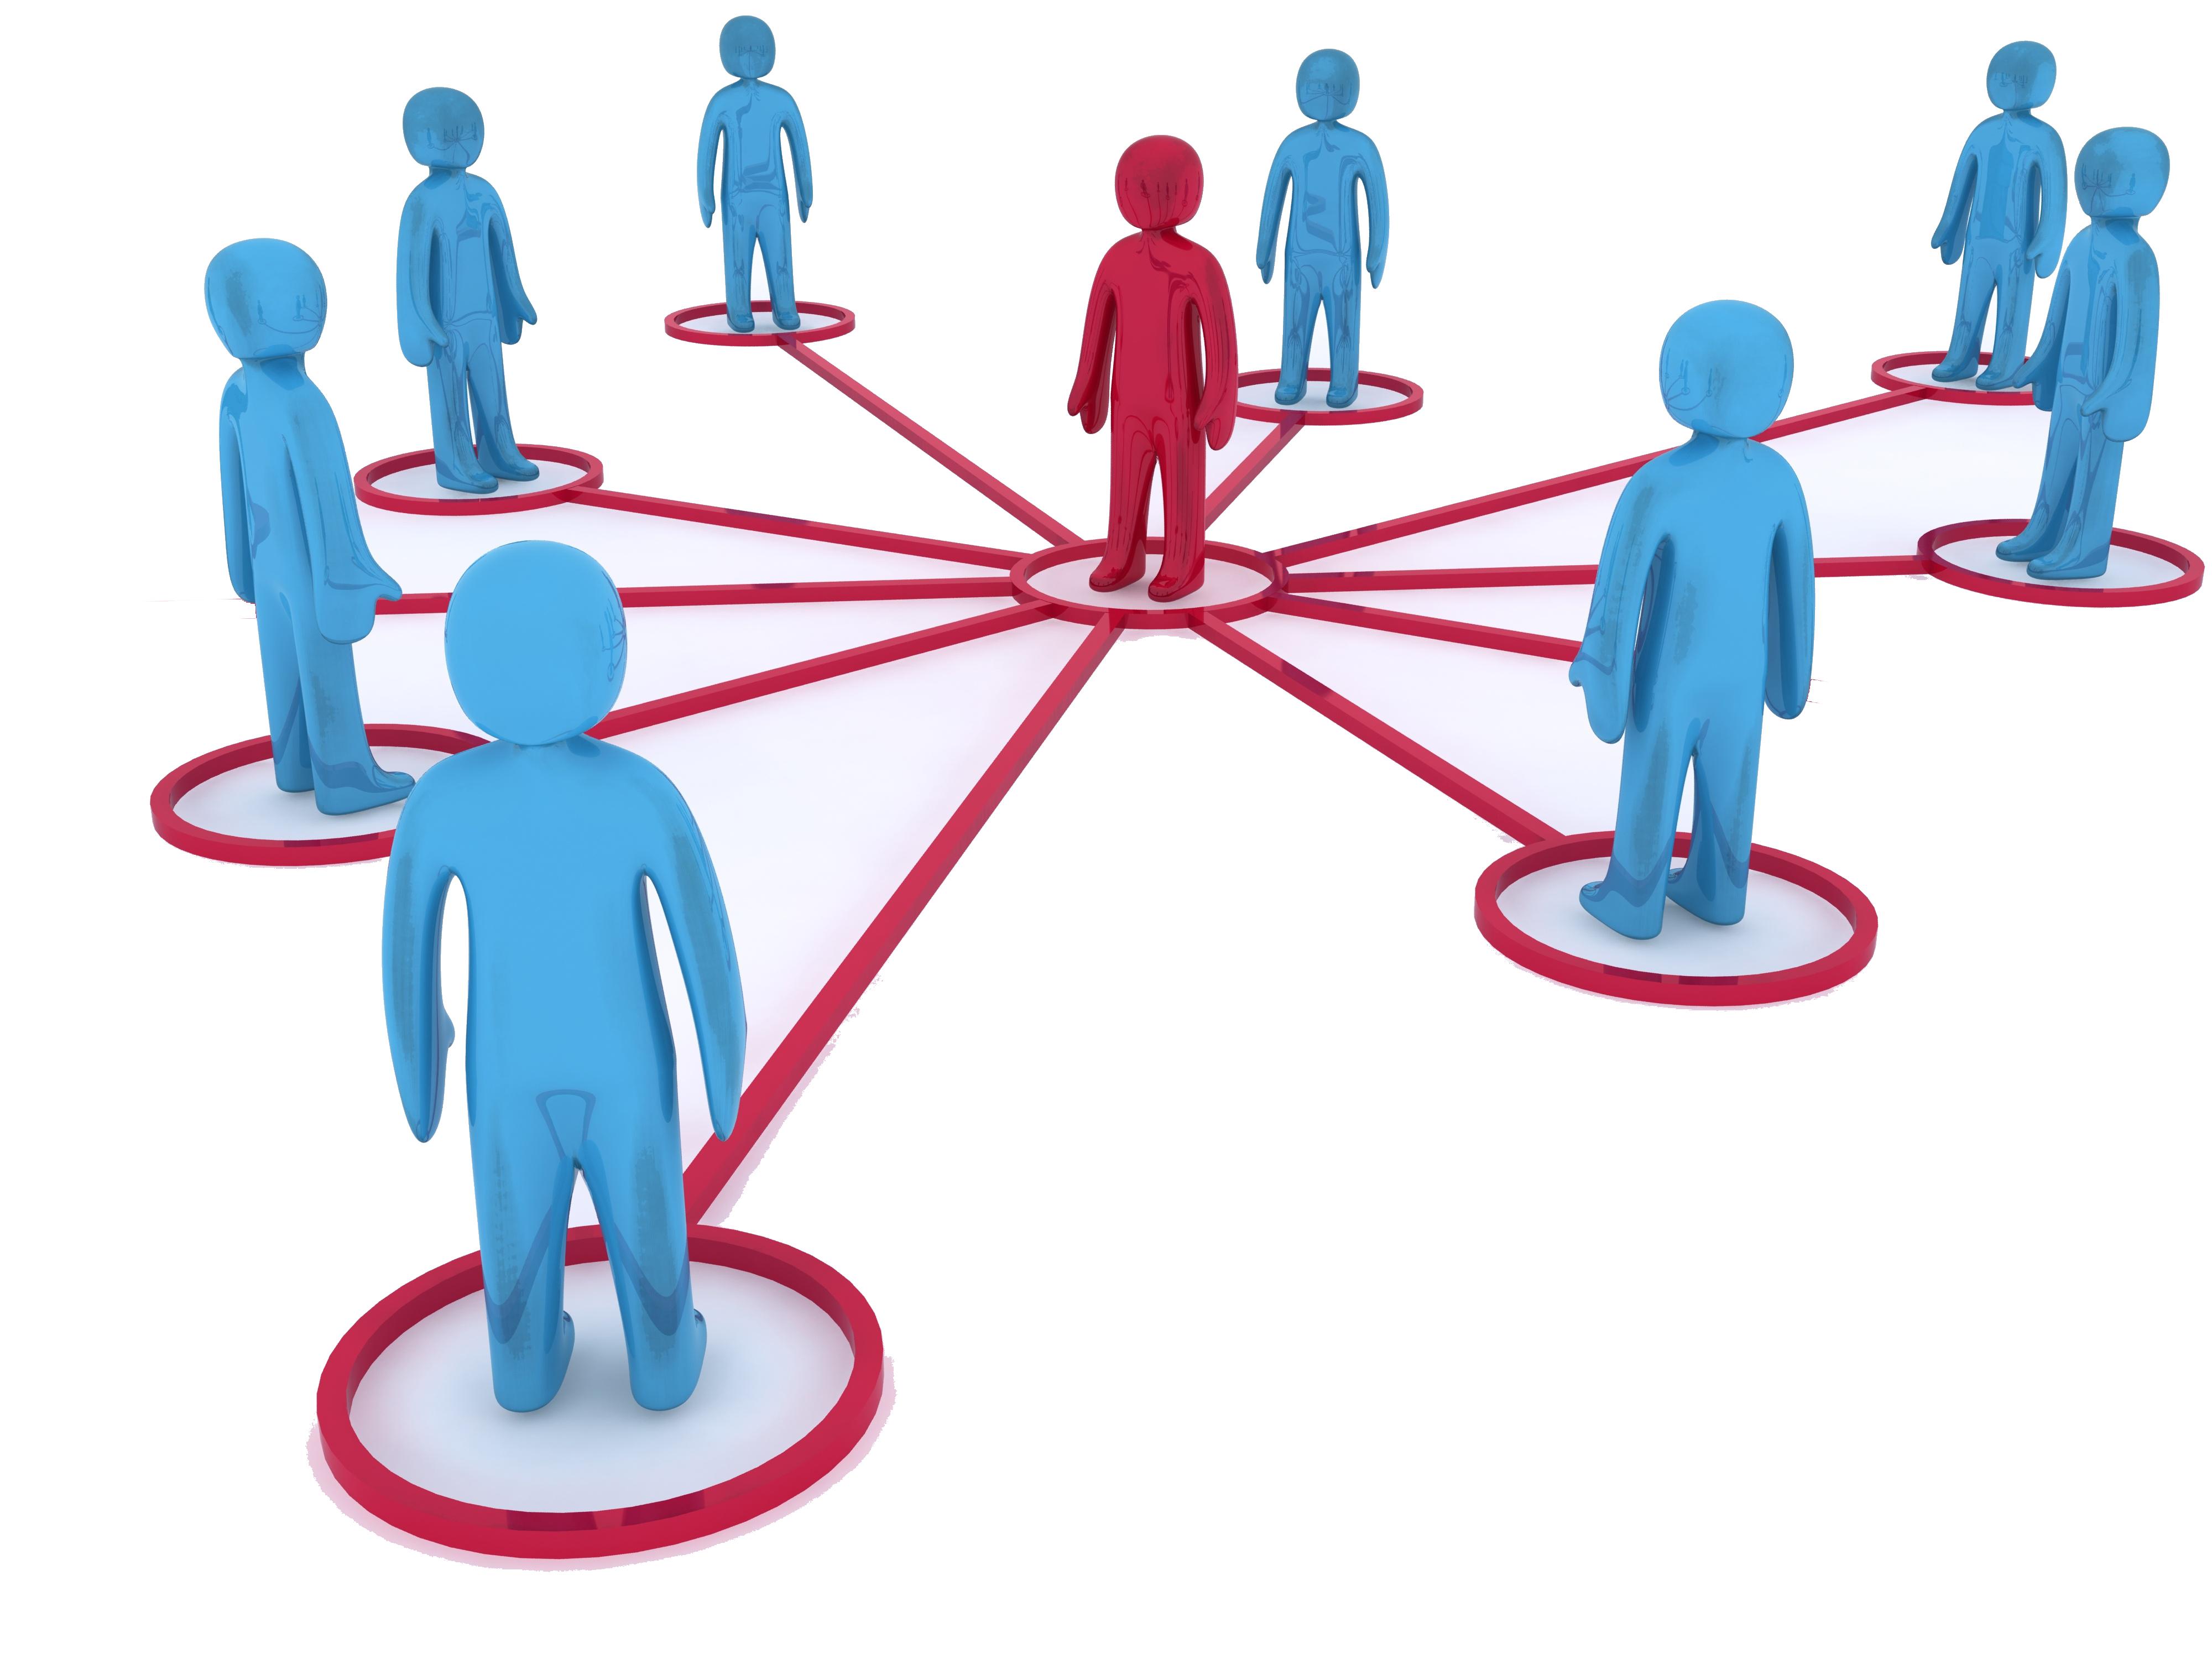 influencing - Web. Pubblicità trasparente su social media: influencer recepiscono indicazioni Acgm. Antitrust: monitoraggio però continuerà